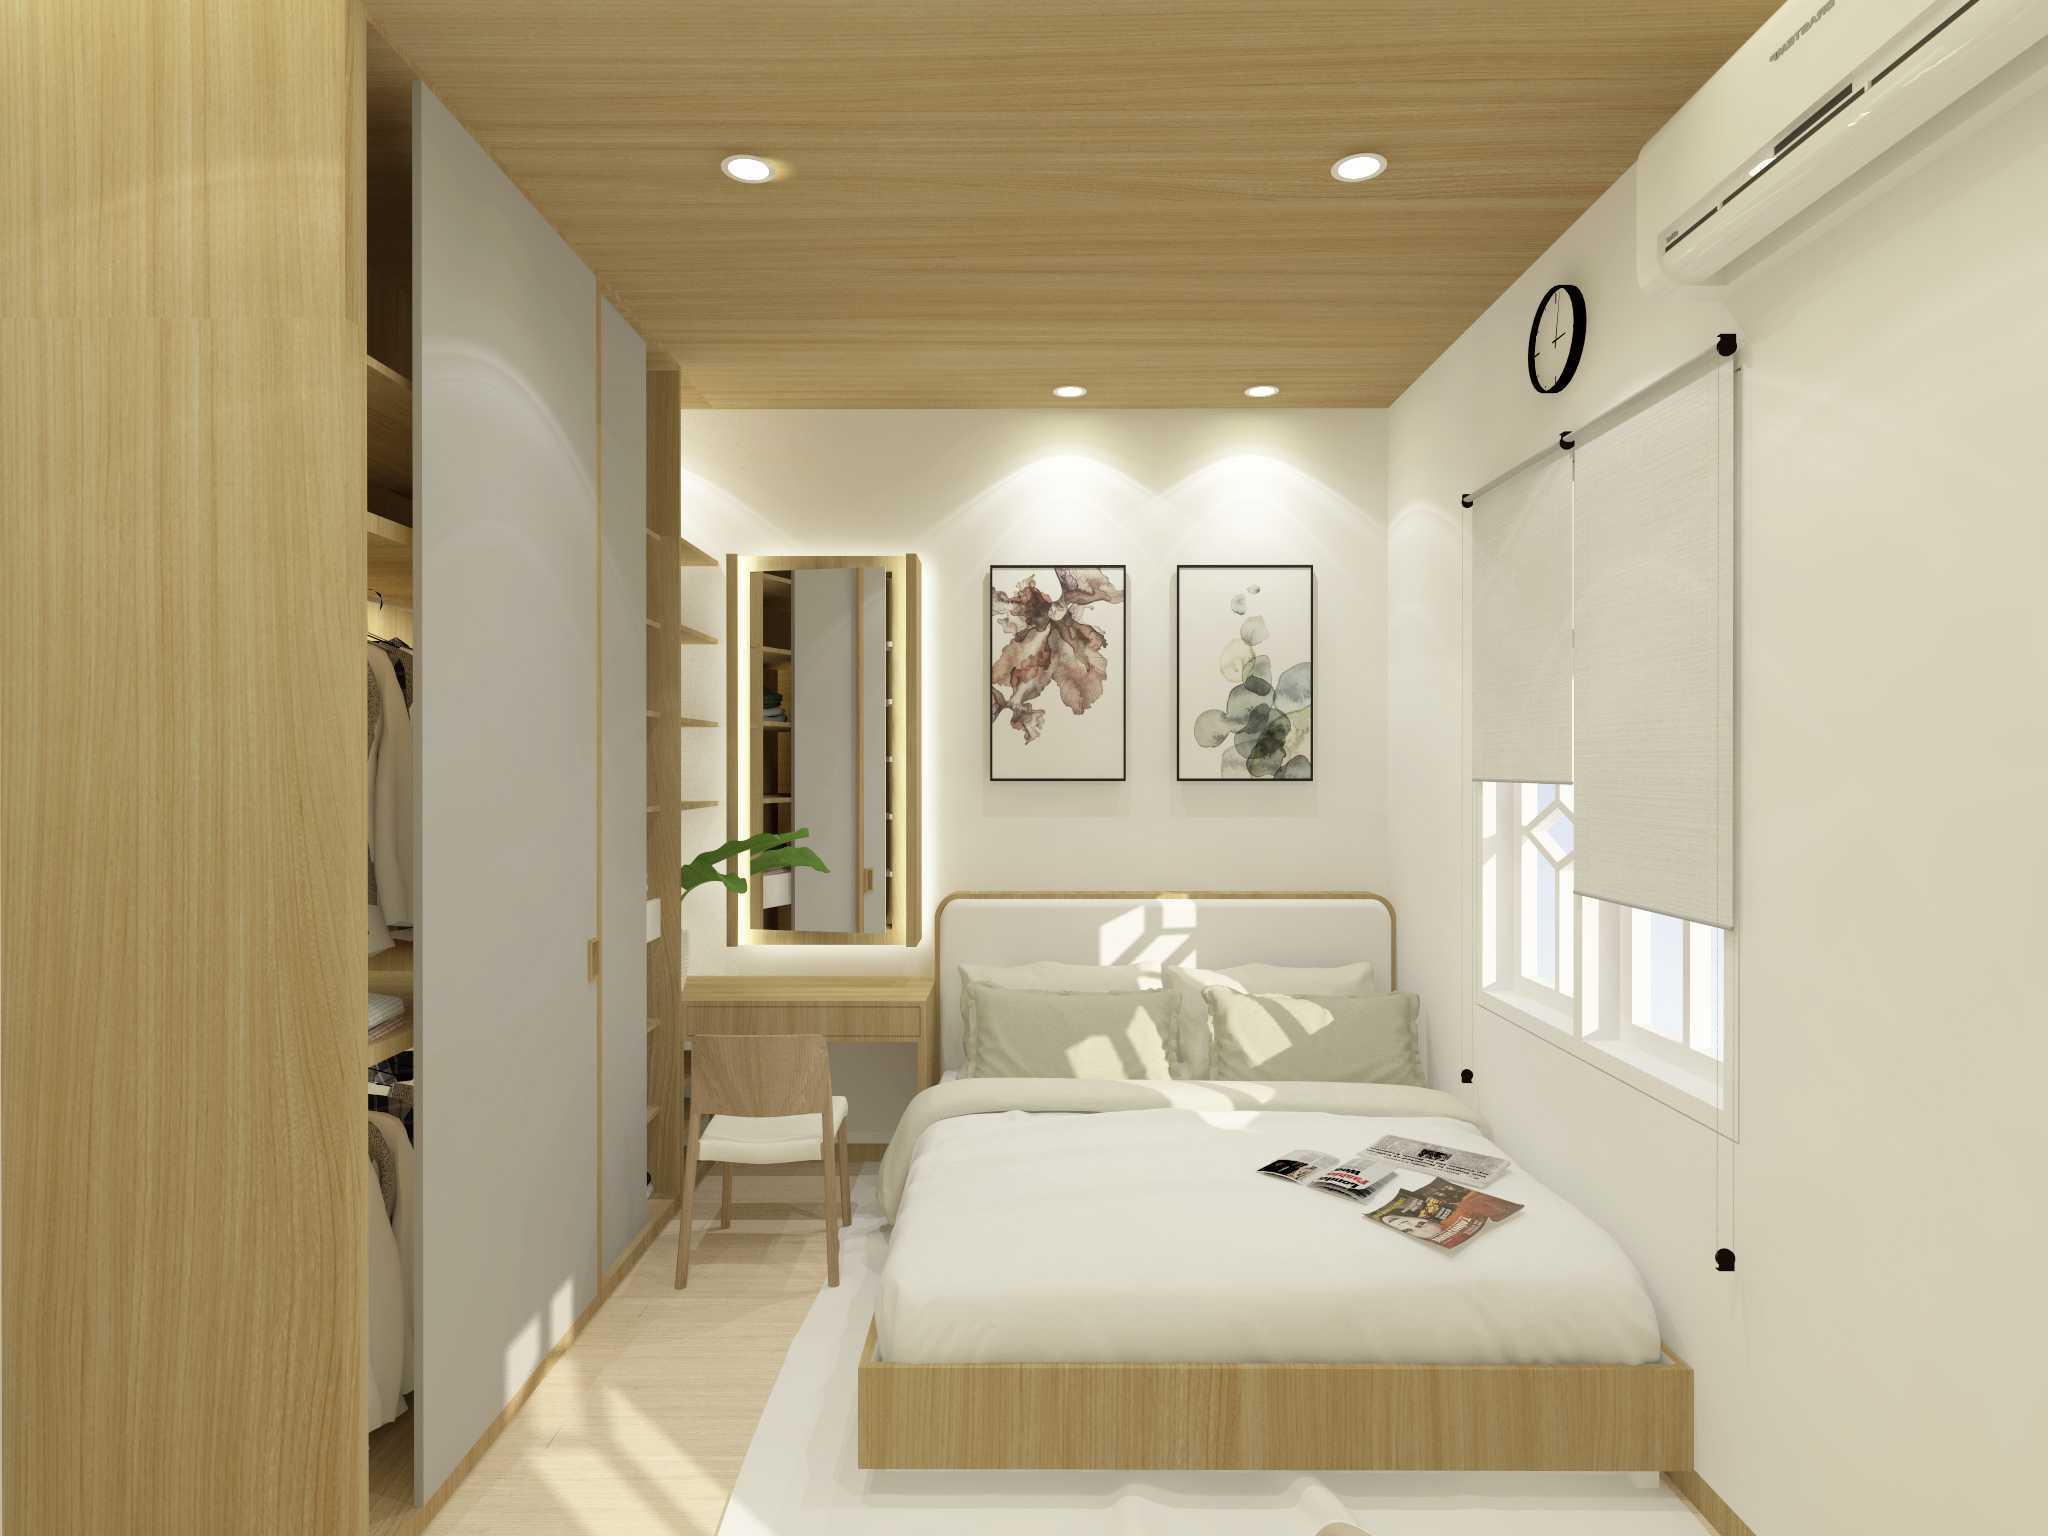 Sekala Mr. Adrian Master + Kids Bedroom Palembang, Kota Palembang, Sumatera Selatan, Indonesia Palembang, Kota Palembang, Sumatera Selatan, Indonesia Sekala-Mr-Adrian-Kids-Bedroom  54083